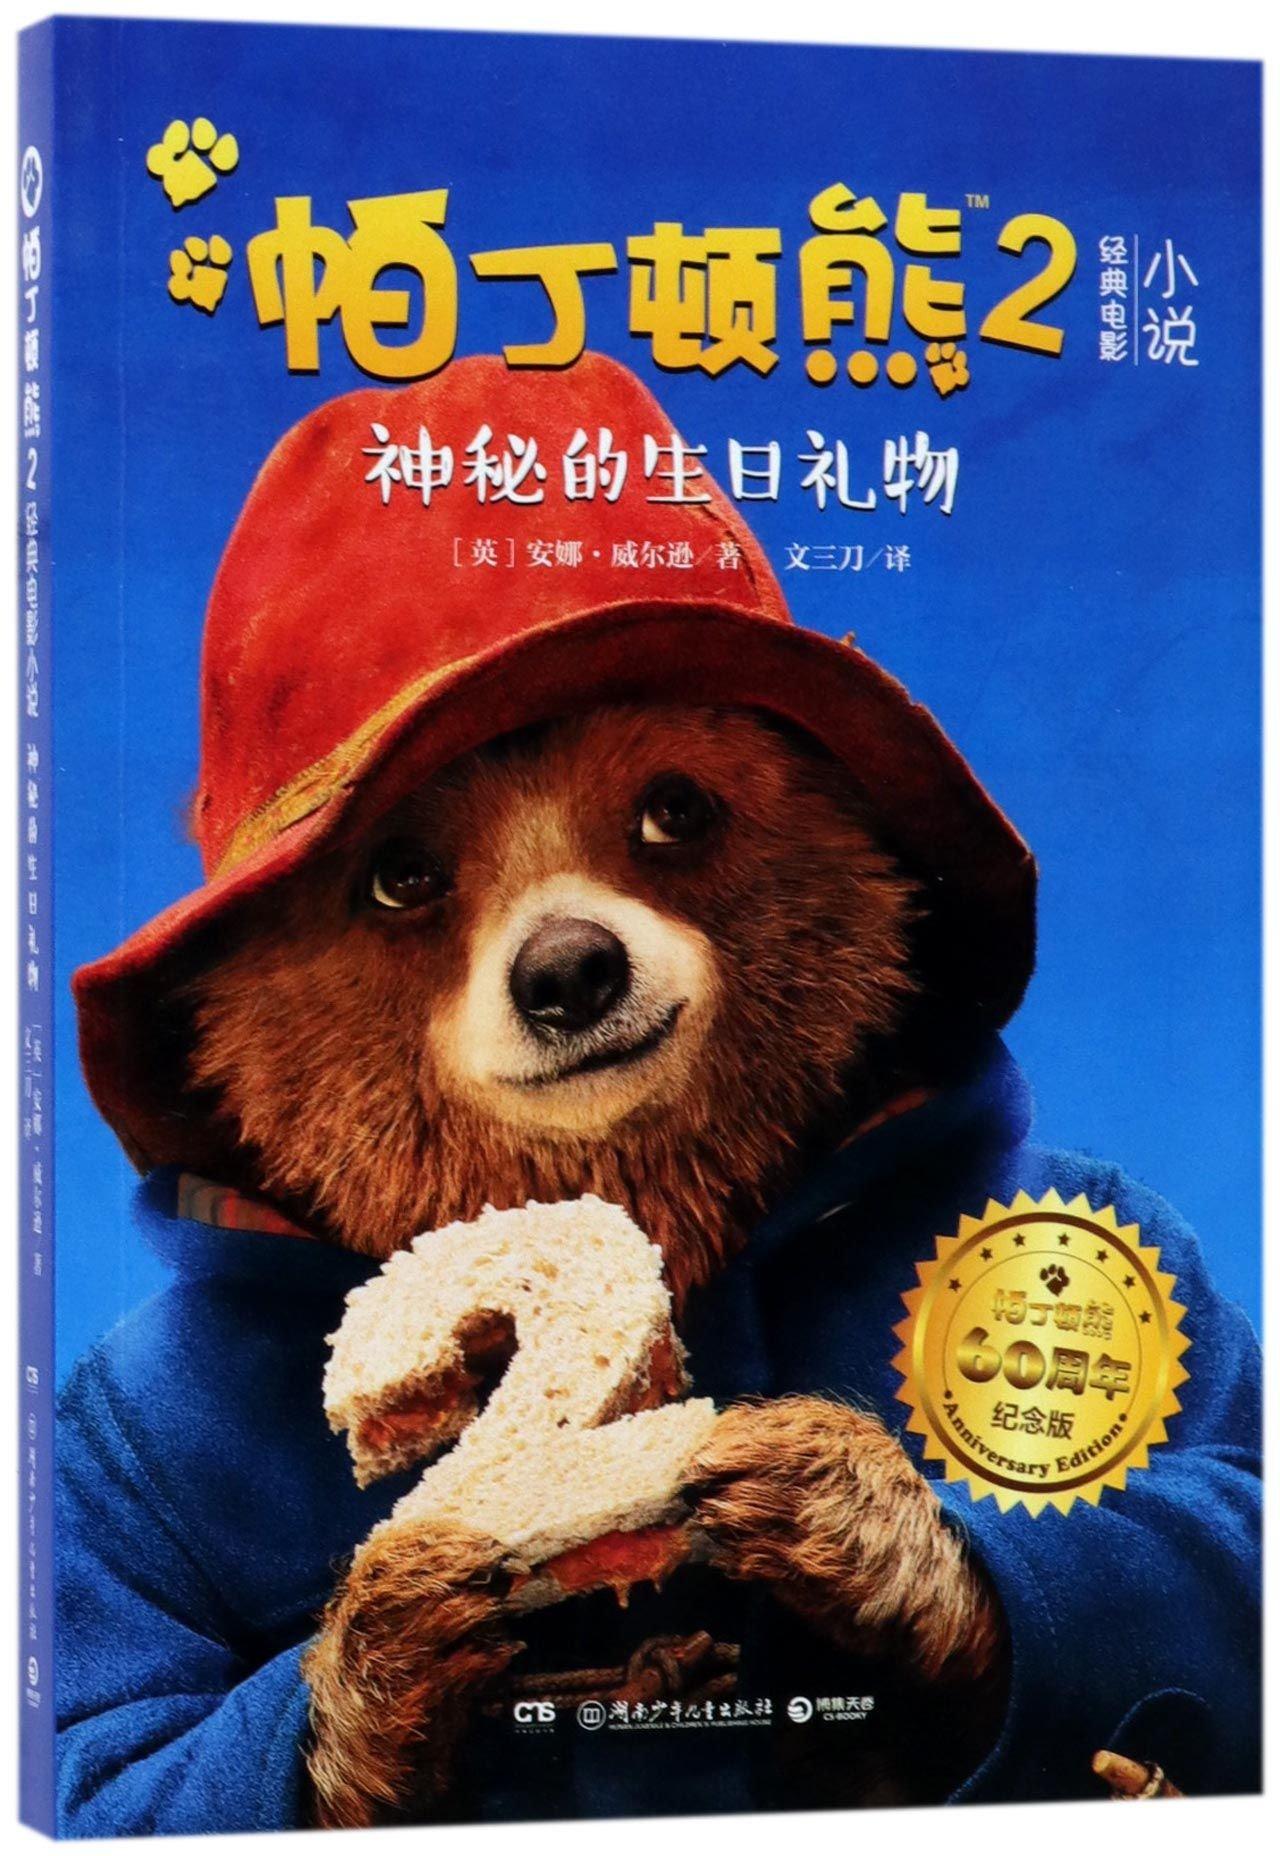 Paddington movie 2: story of the movie (Chinese Edition) pdf epub